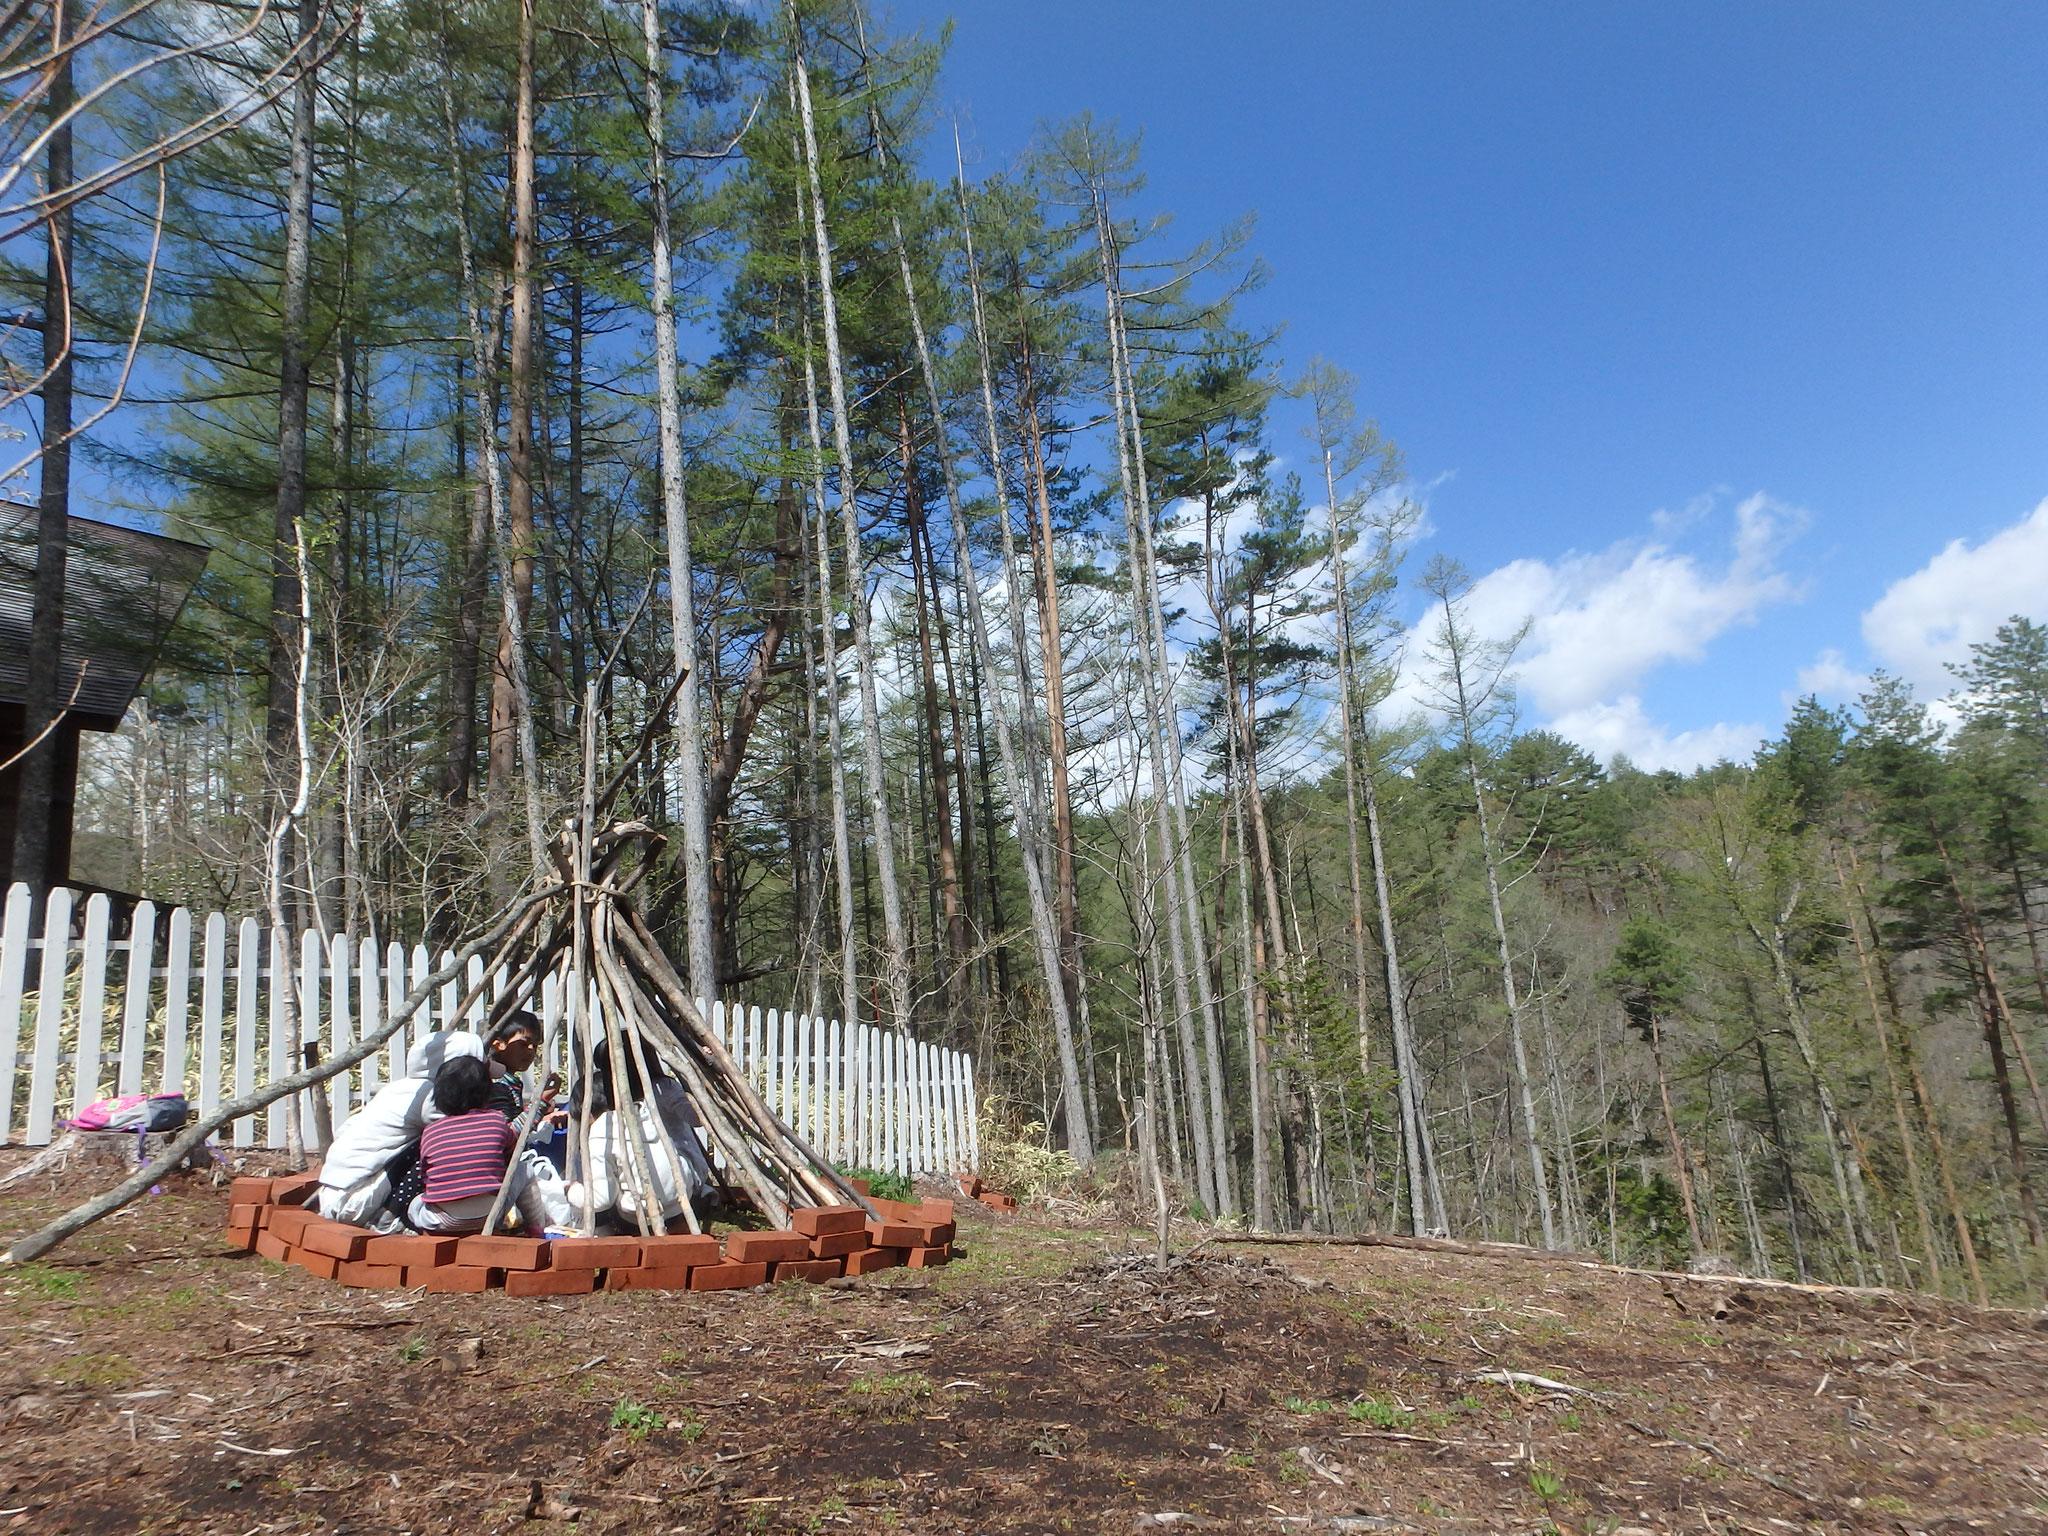 冬の間に落ちたたくさんの枝をひらって基地づくりが始まりました。